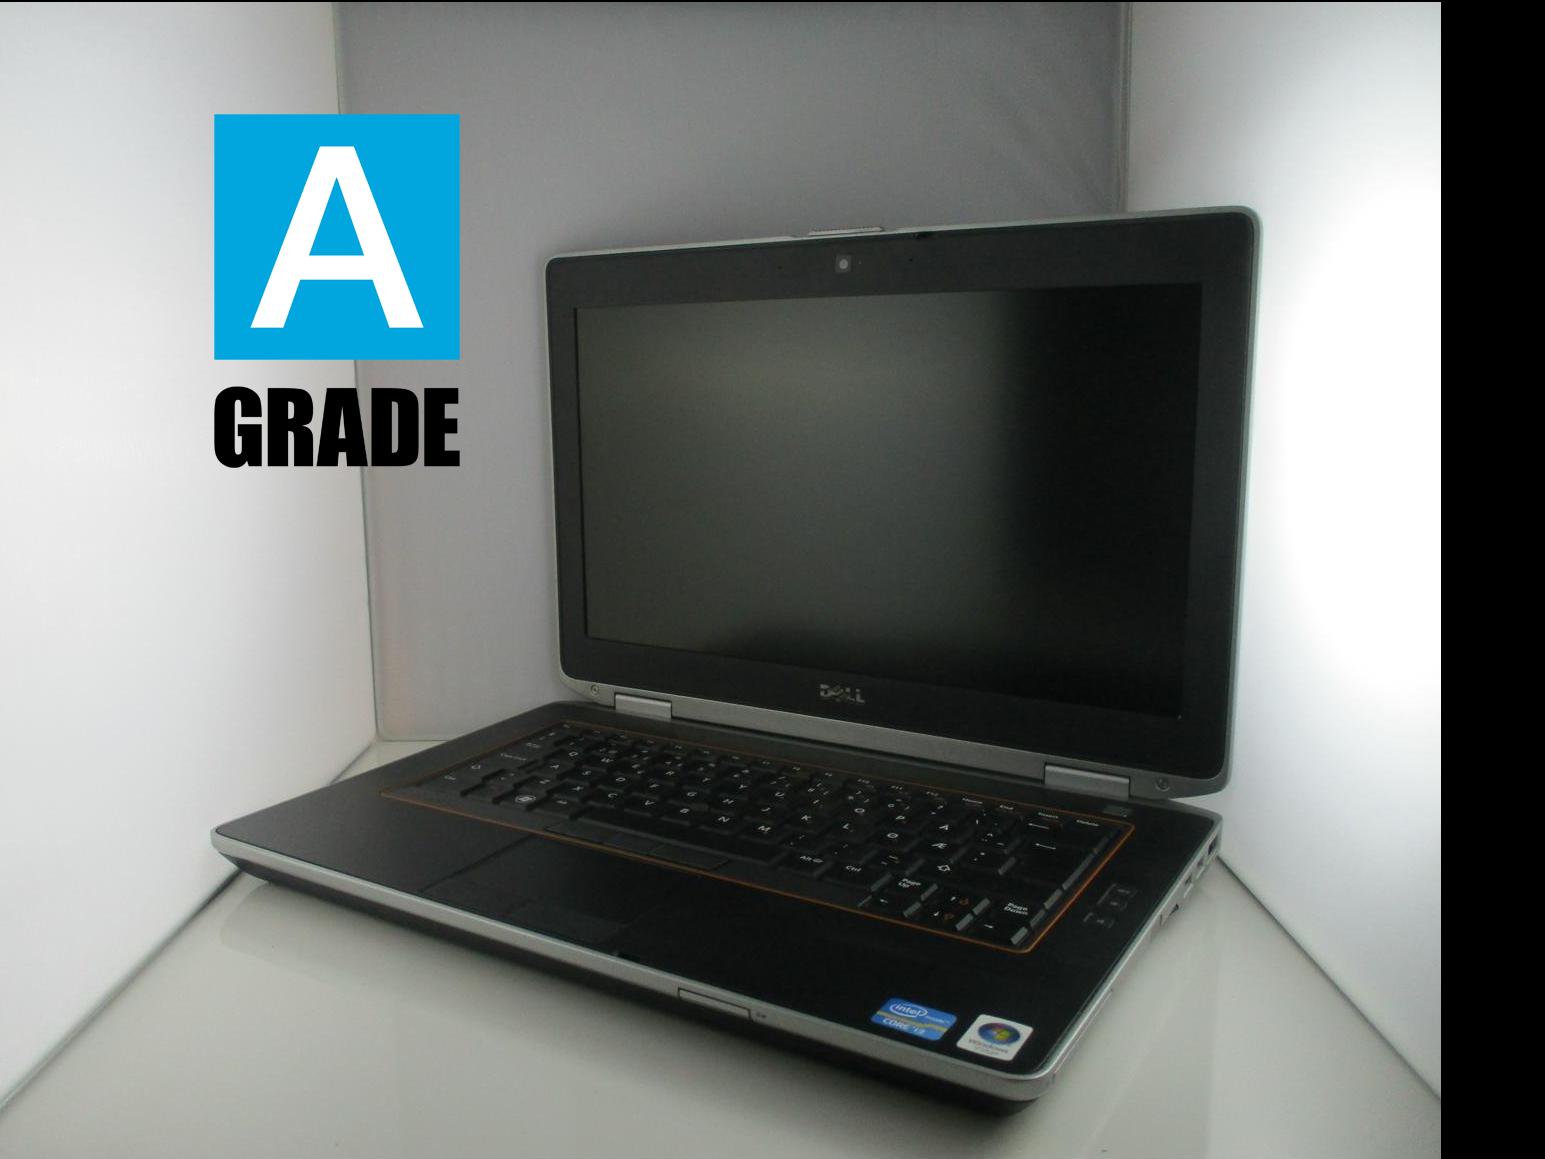 Dell Latitude E6420 i3-2310M R-4GB, H-250GB,14